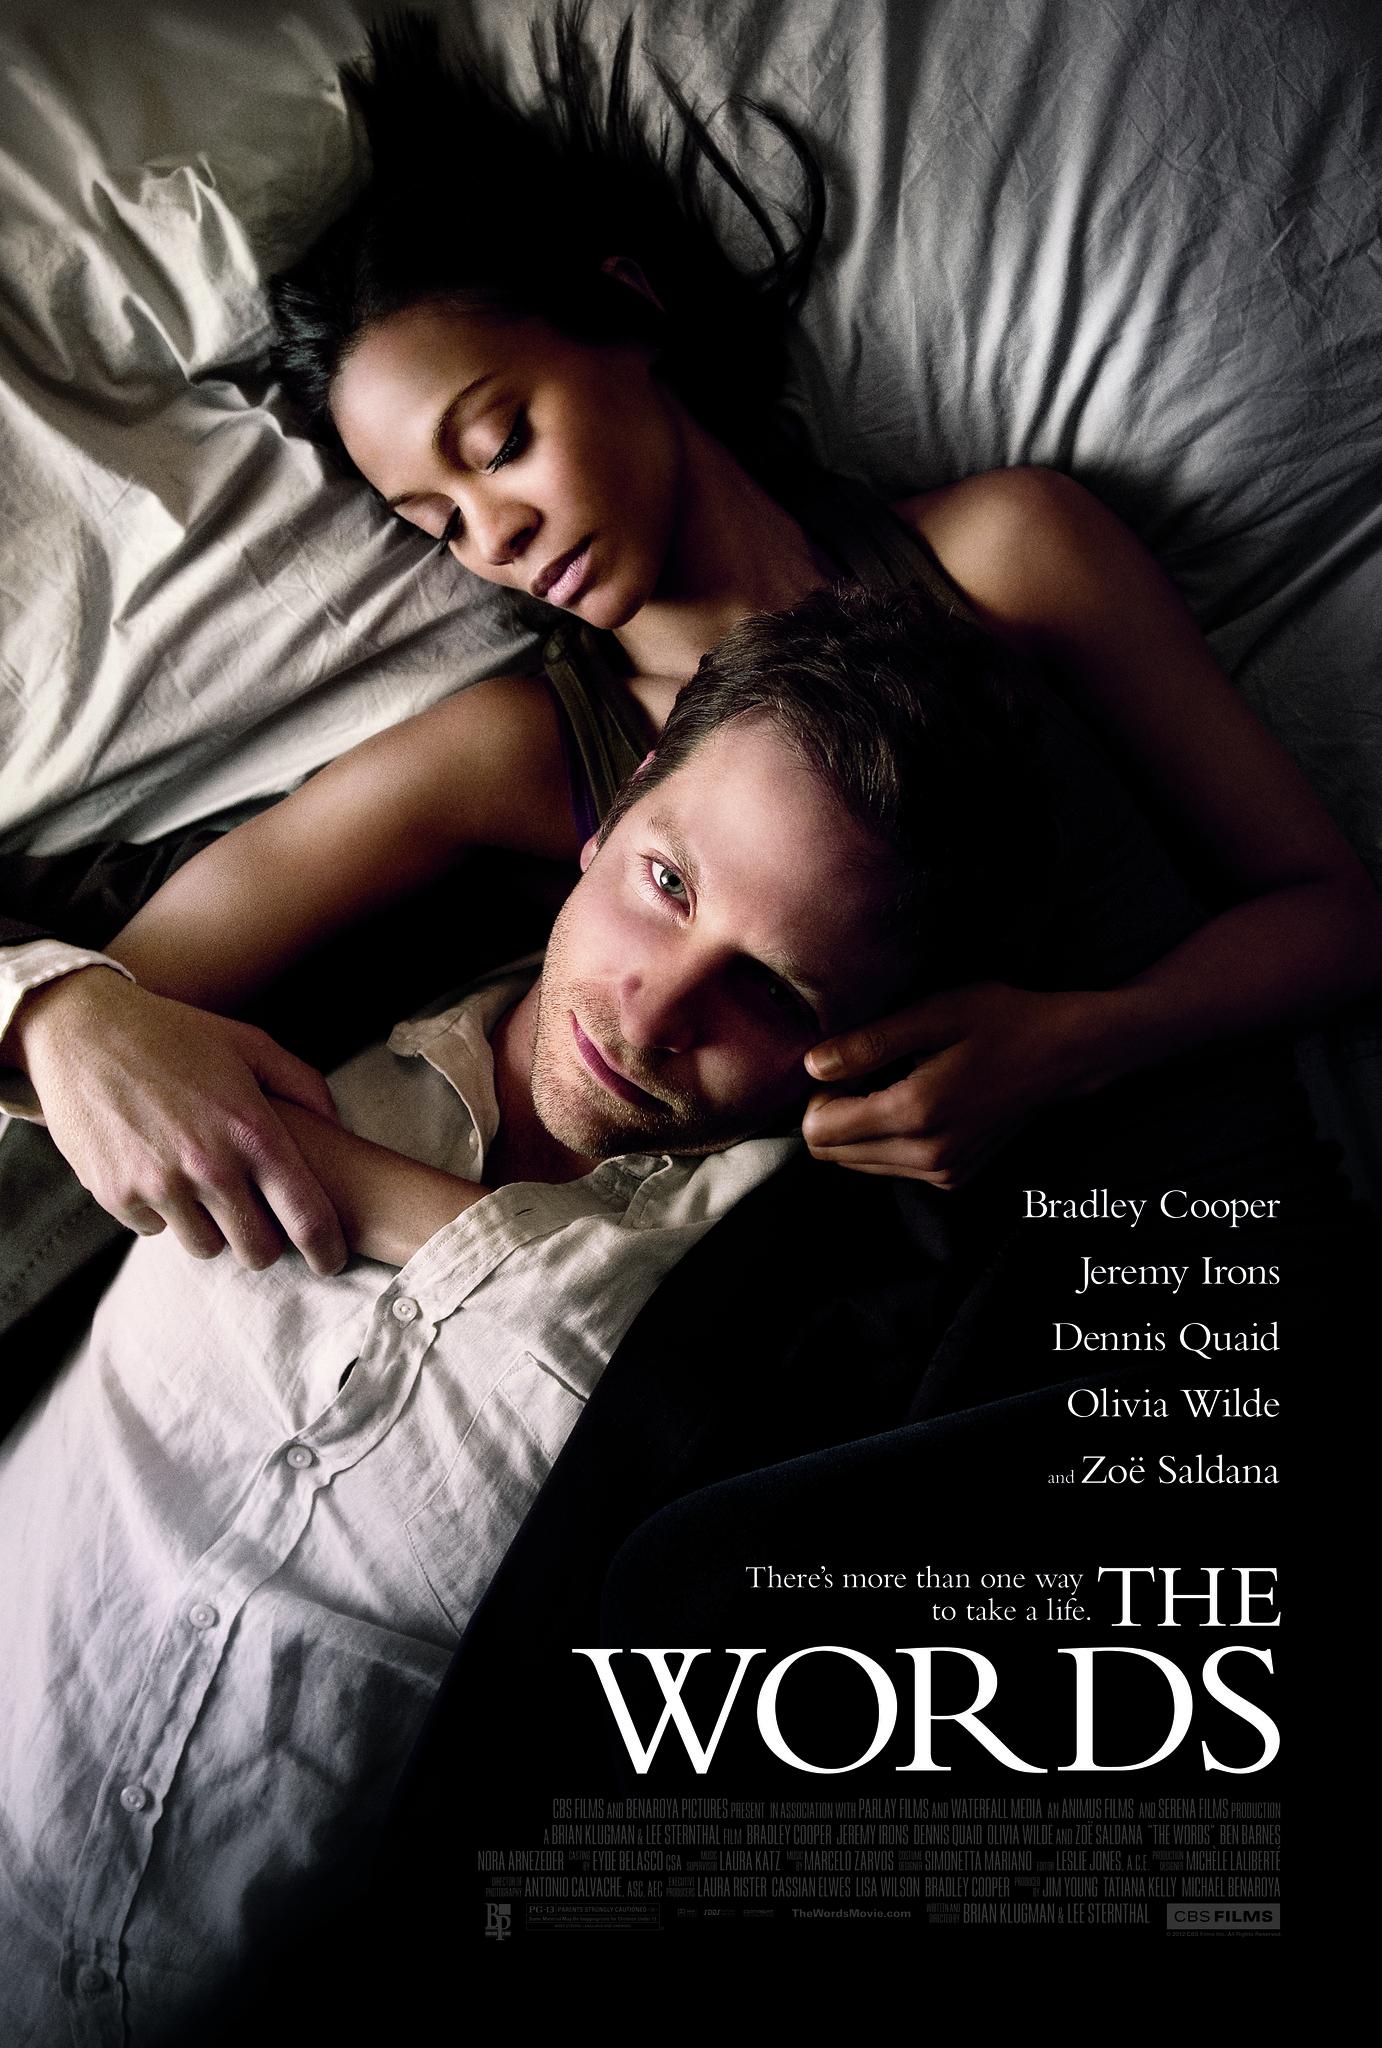 Bradley Cooper and Zoe Saldana in The Words (2012)